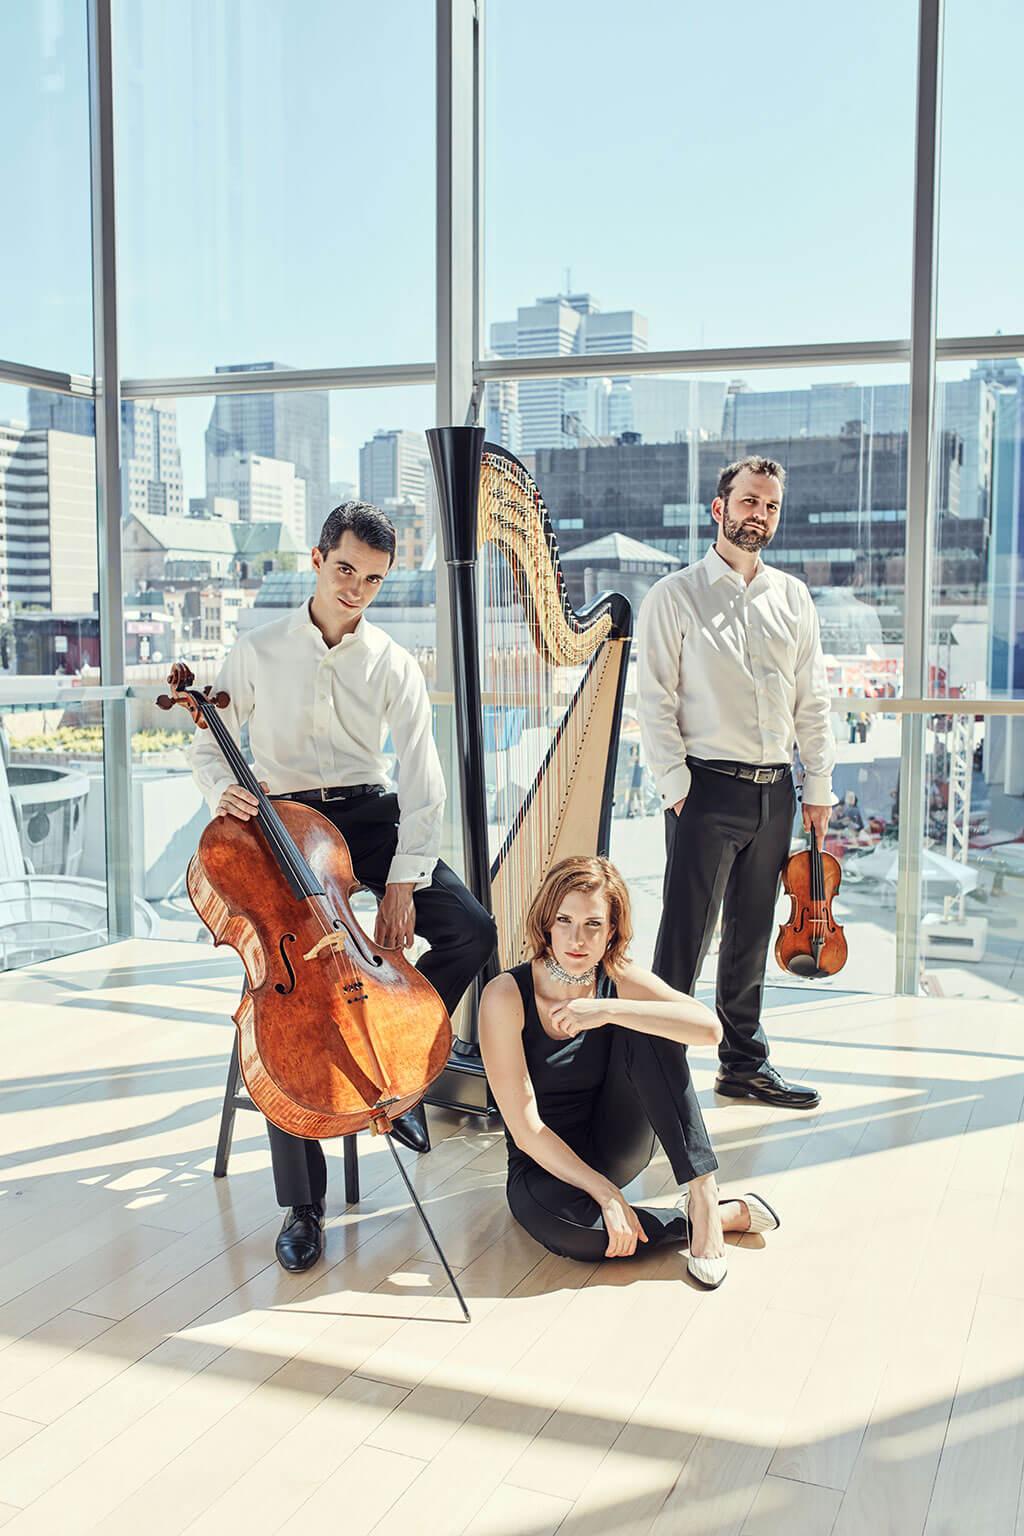 Stéphane Tétreault, Valérie Milot et Antoine Bareil en trio pour premier album sous étiquette Analekta lancé à l'automne 2017. (Crédit: Frédérik Robitaille)